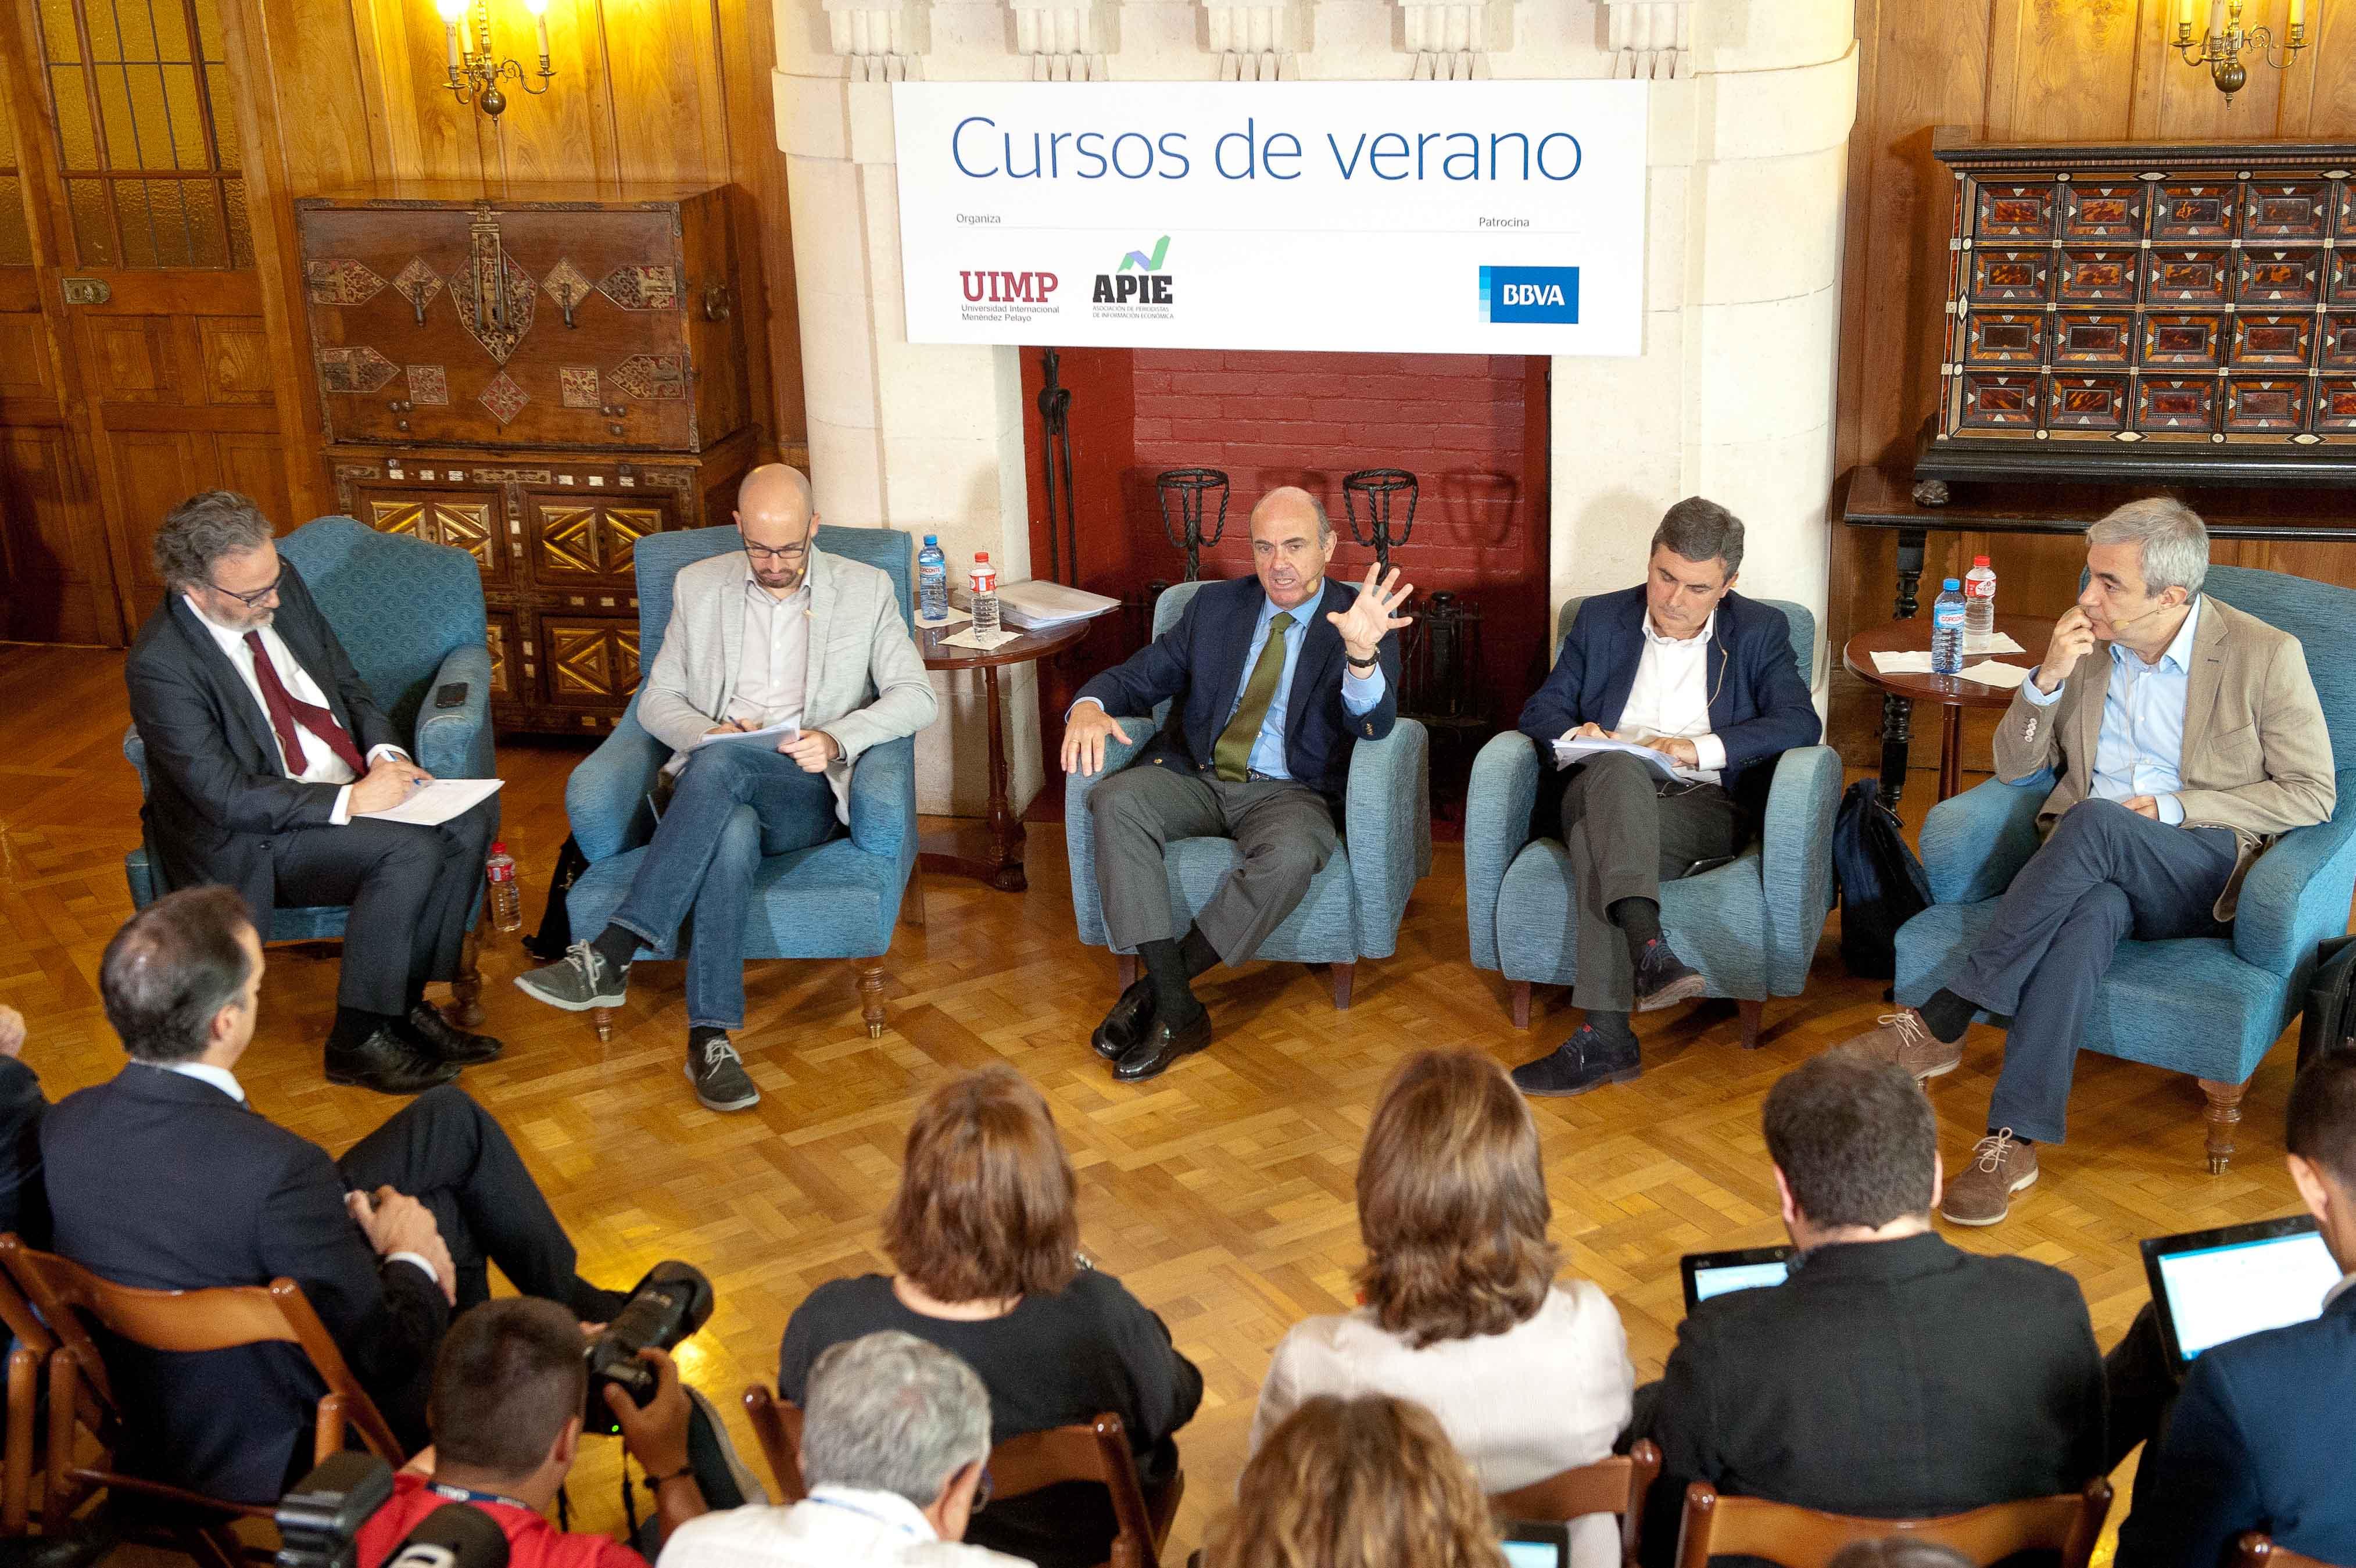 Una vista general del debate económico entre los principales partidos organizado por la APIE en su curso de verano en la Universidad Menéndez Pelayo de Santander.